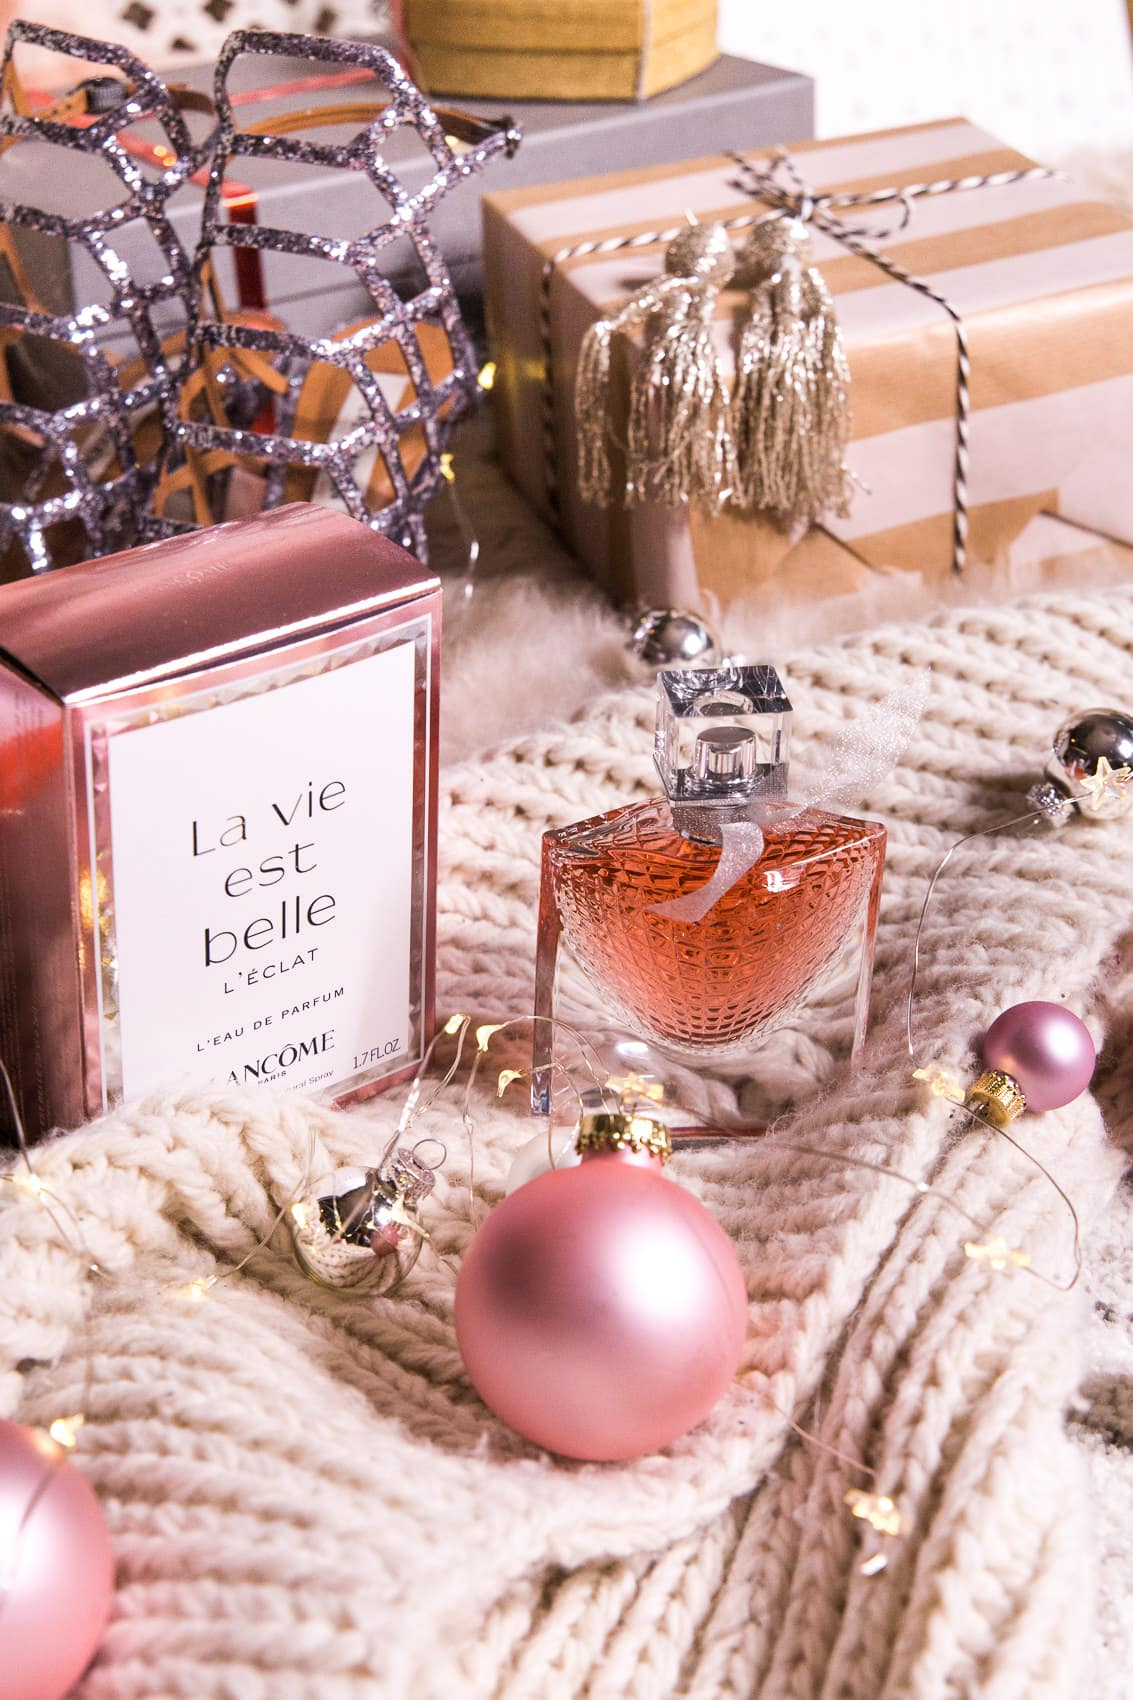 Des Belles Choses Adventskalender Türchen 23: Lancôme La vie est belle